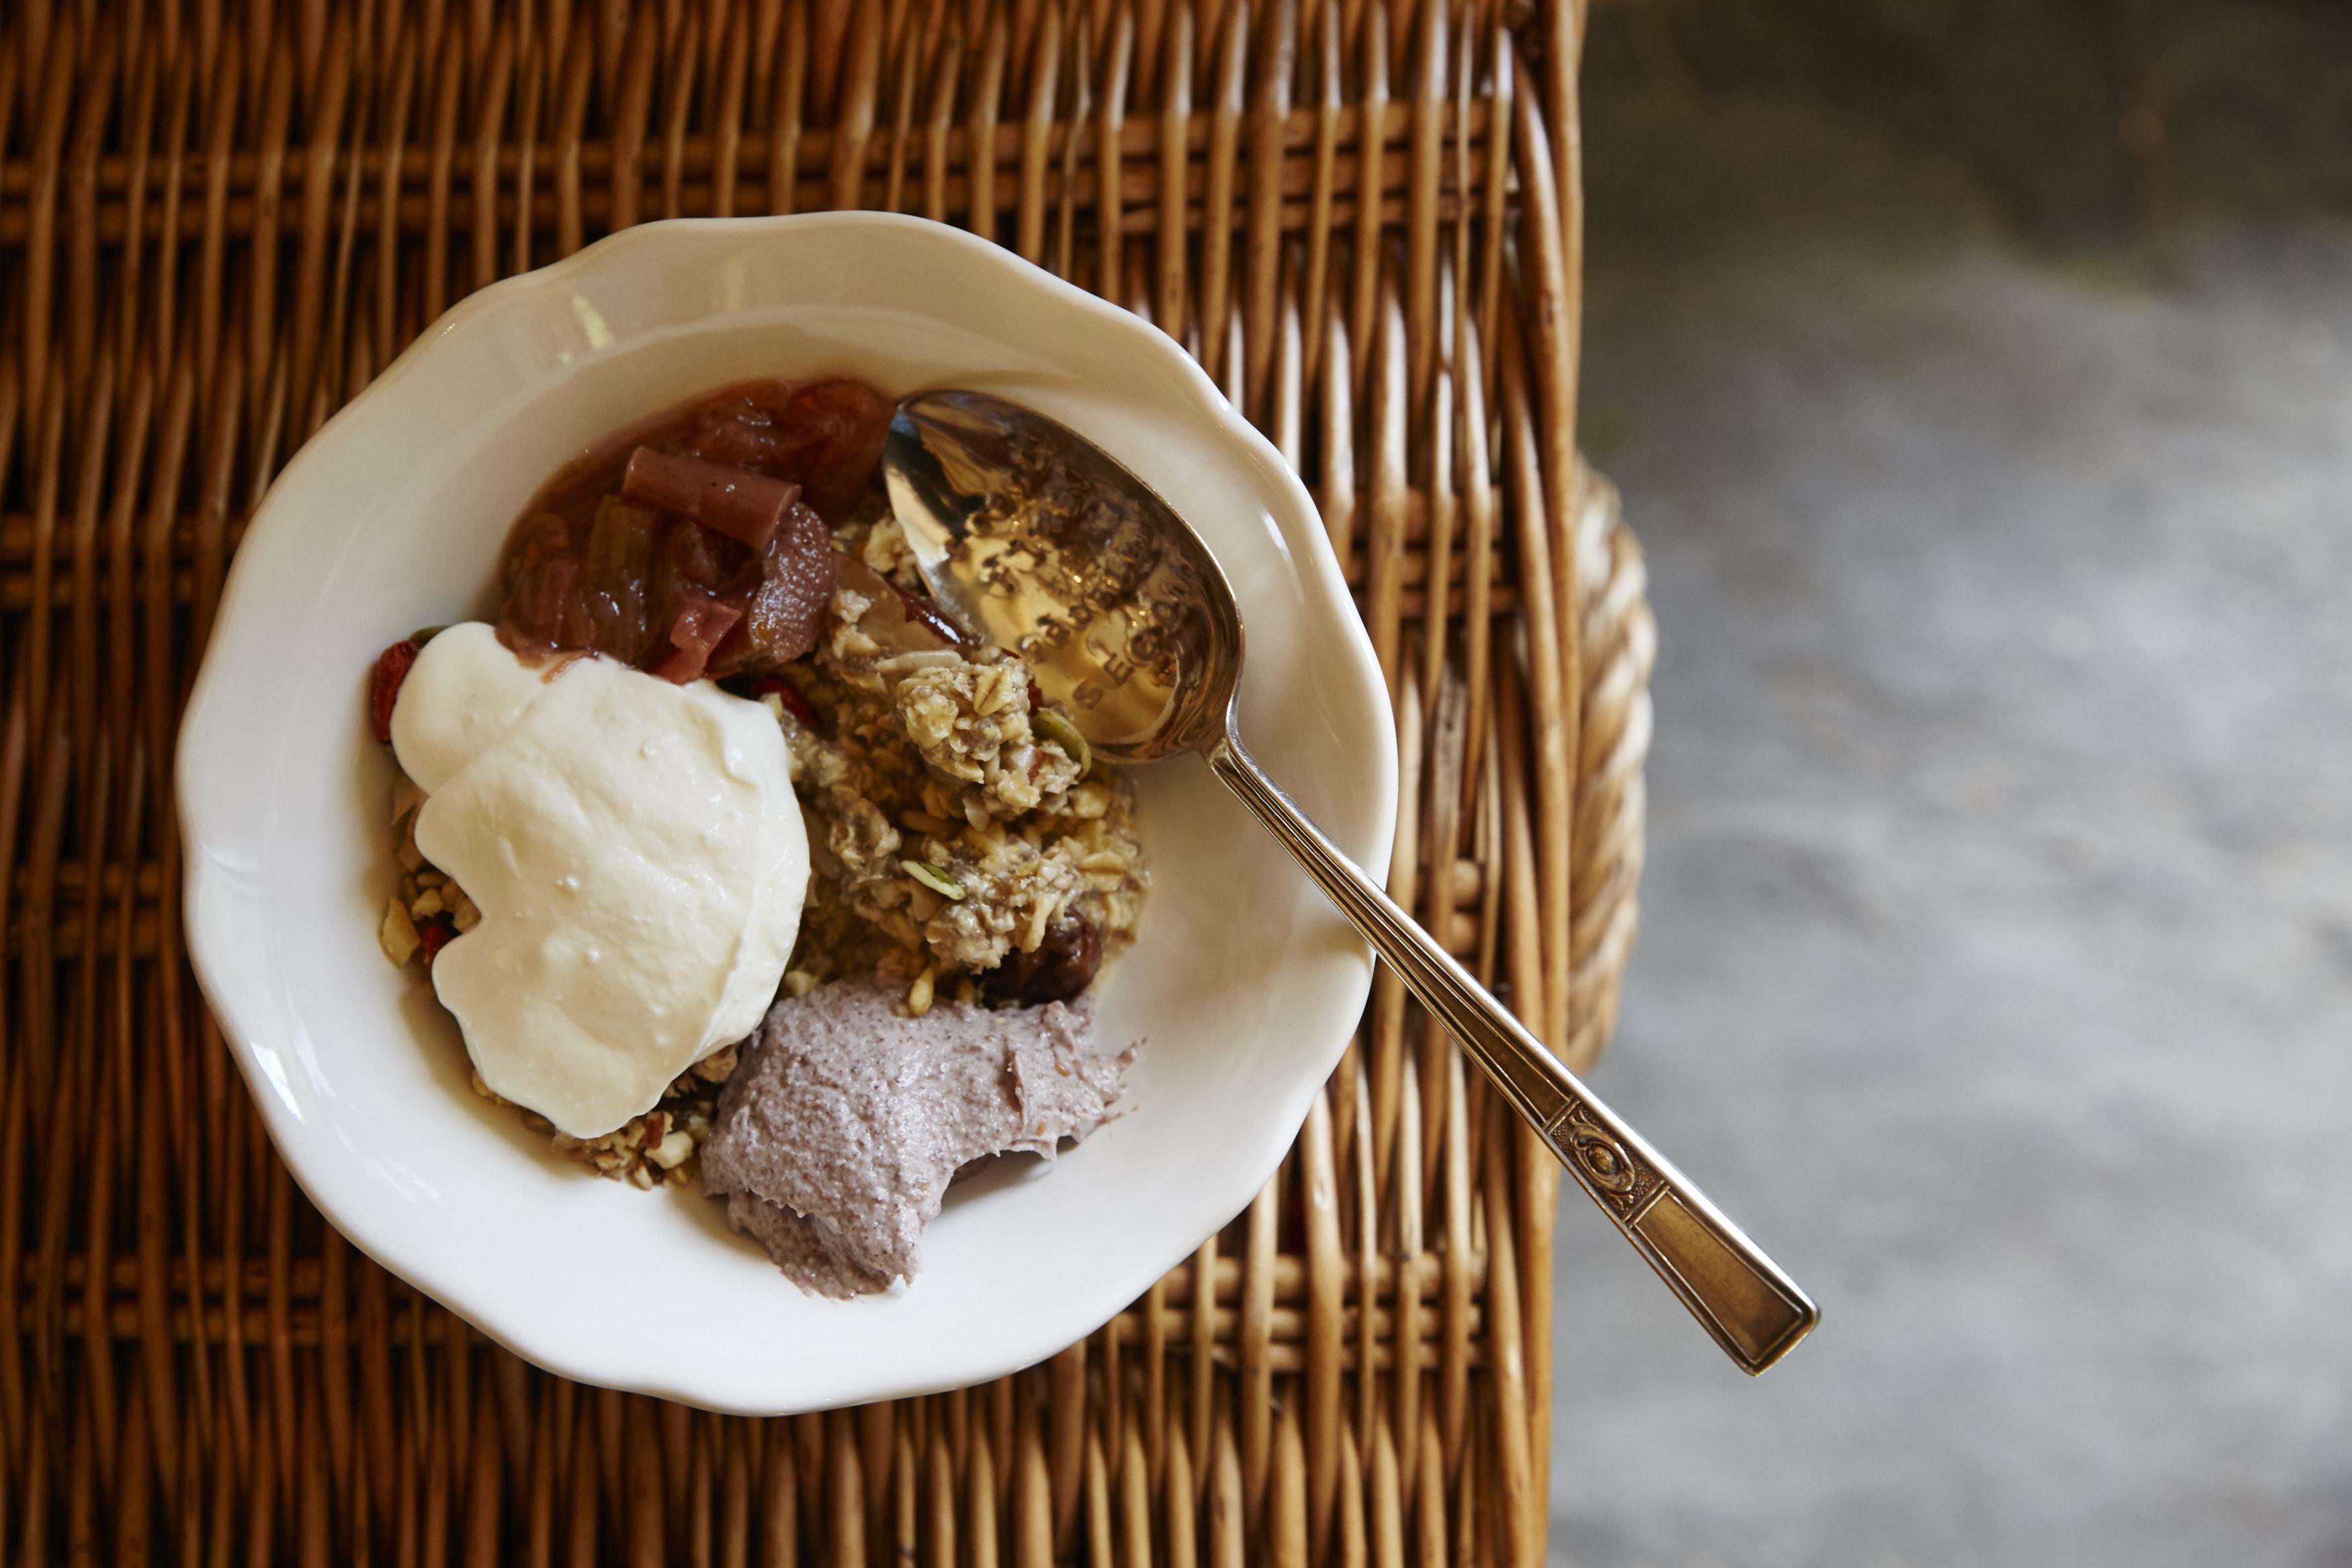 Soaked oats, homemade granola on More Balanced Living Retreats, Bath